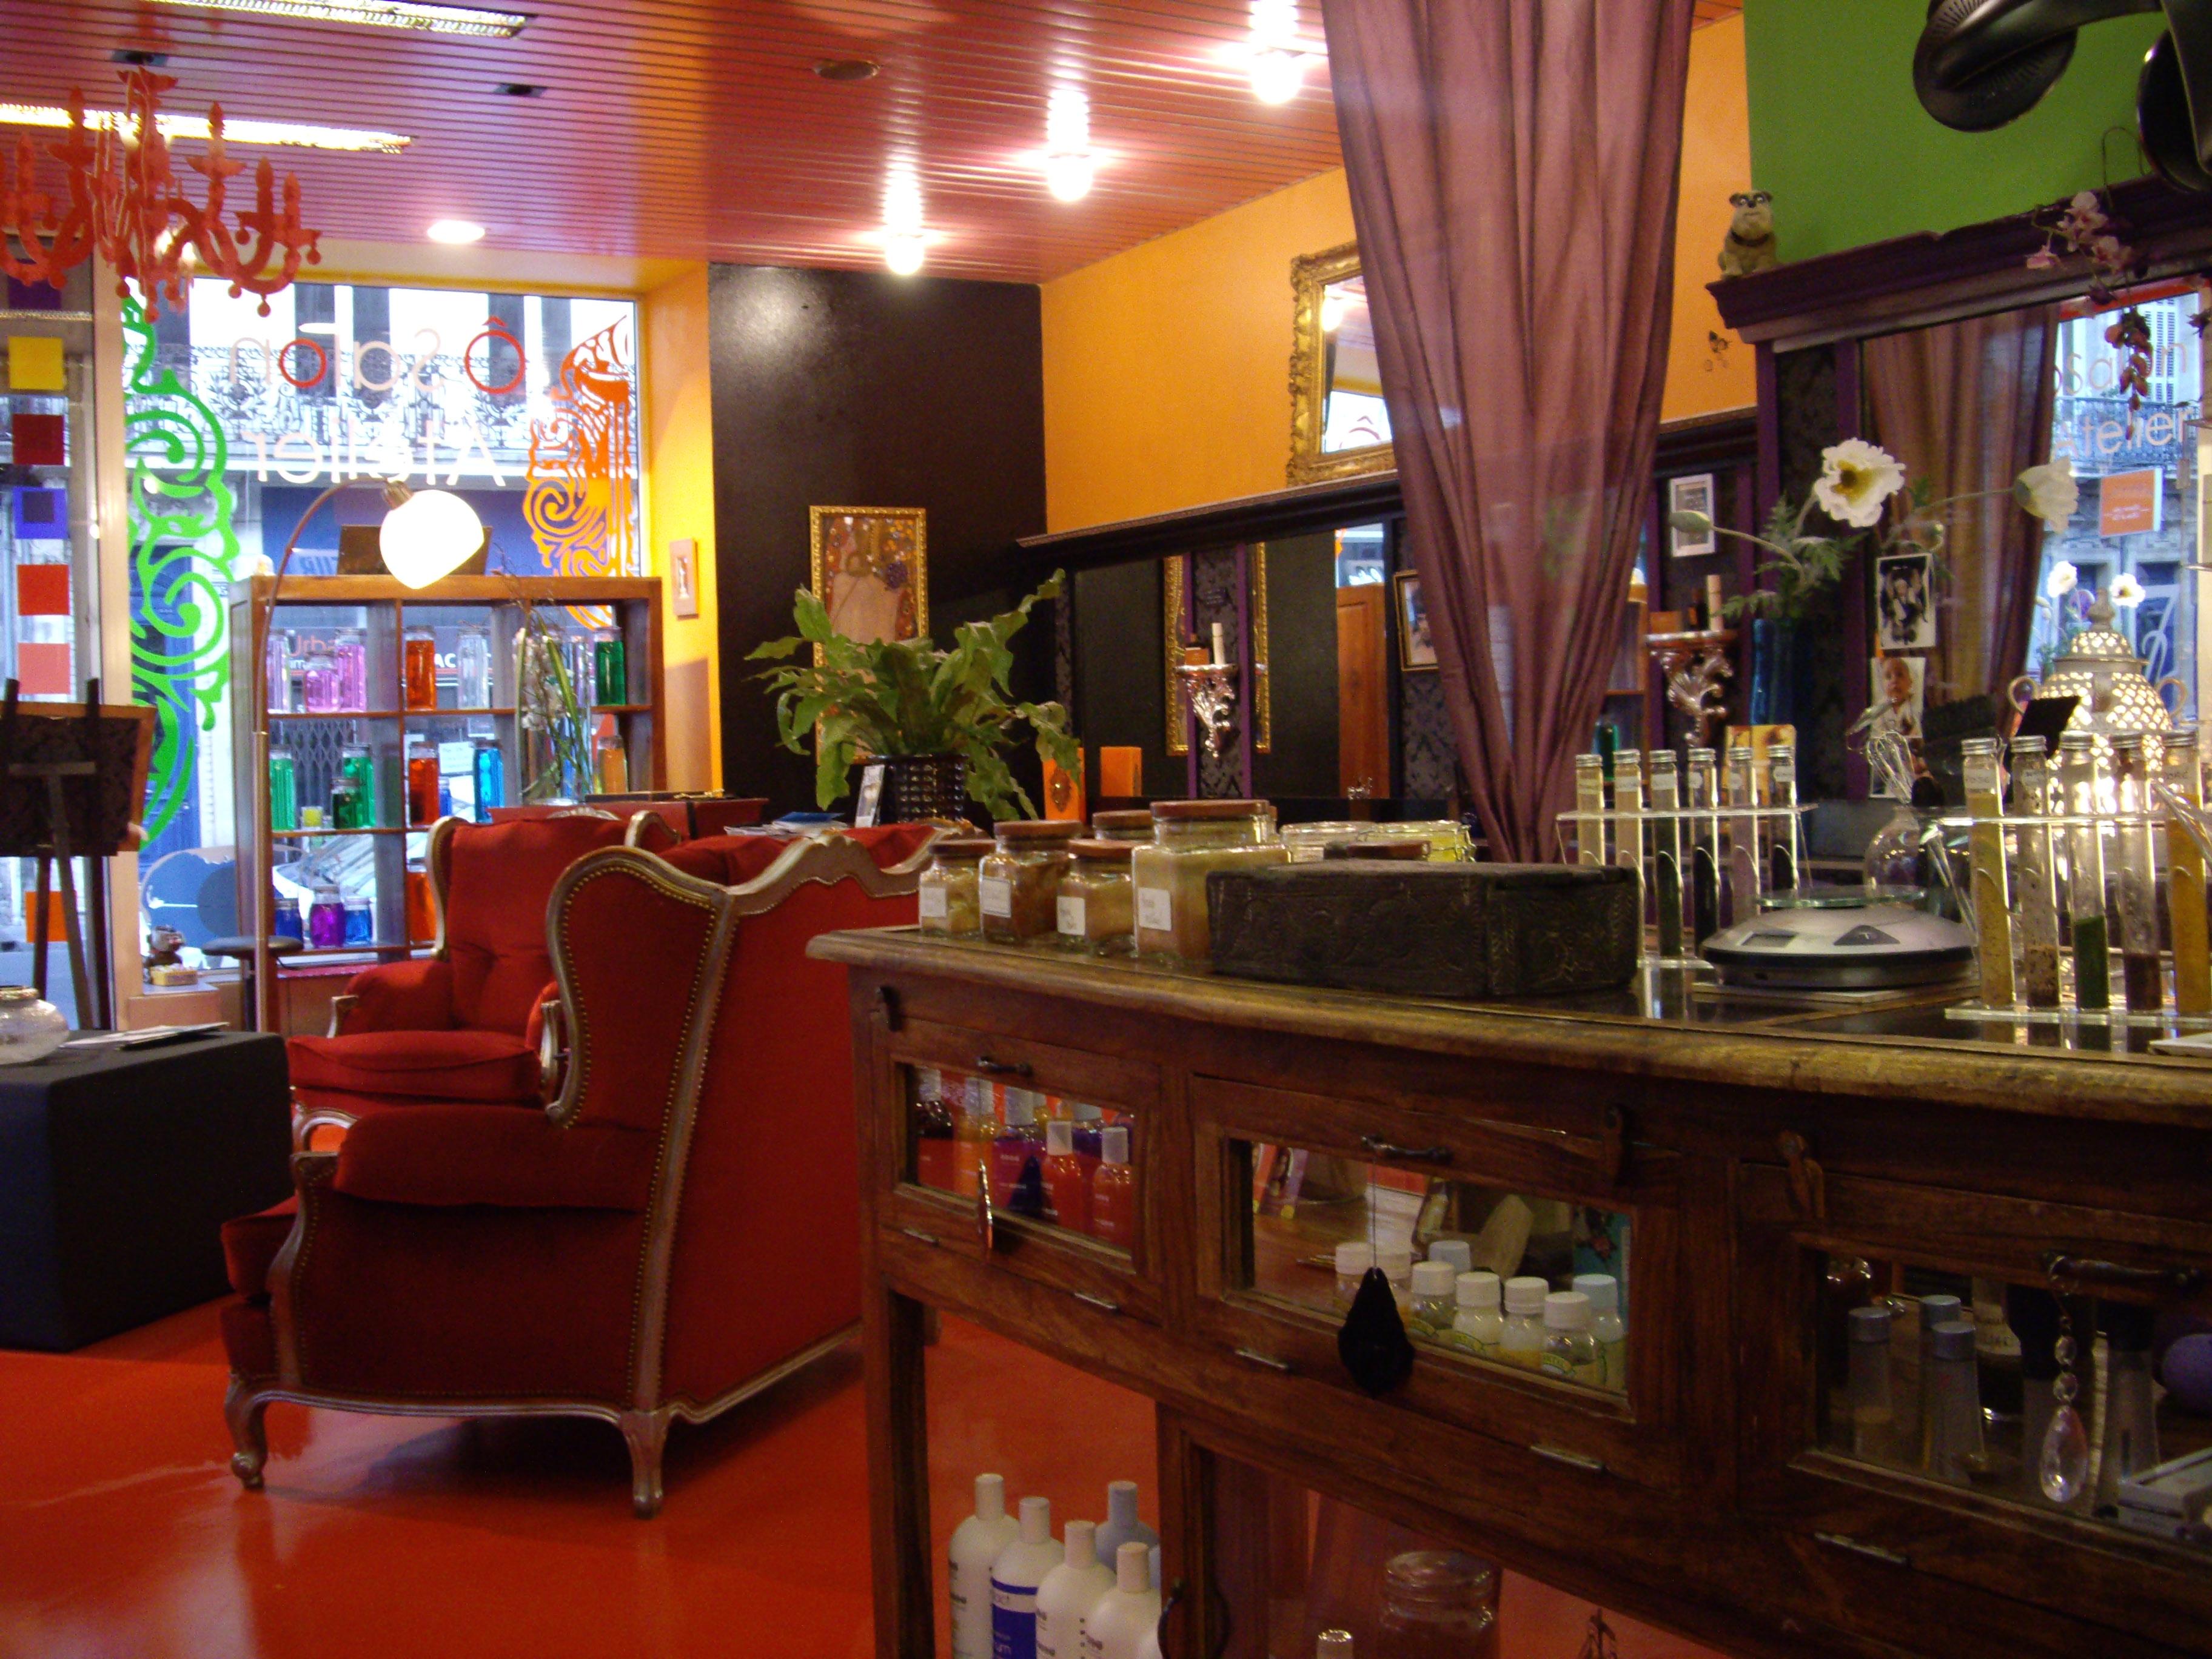 Salon esprit coiffure bordeaux votre nouveau blog - Salon emploi bordeaux ...